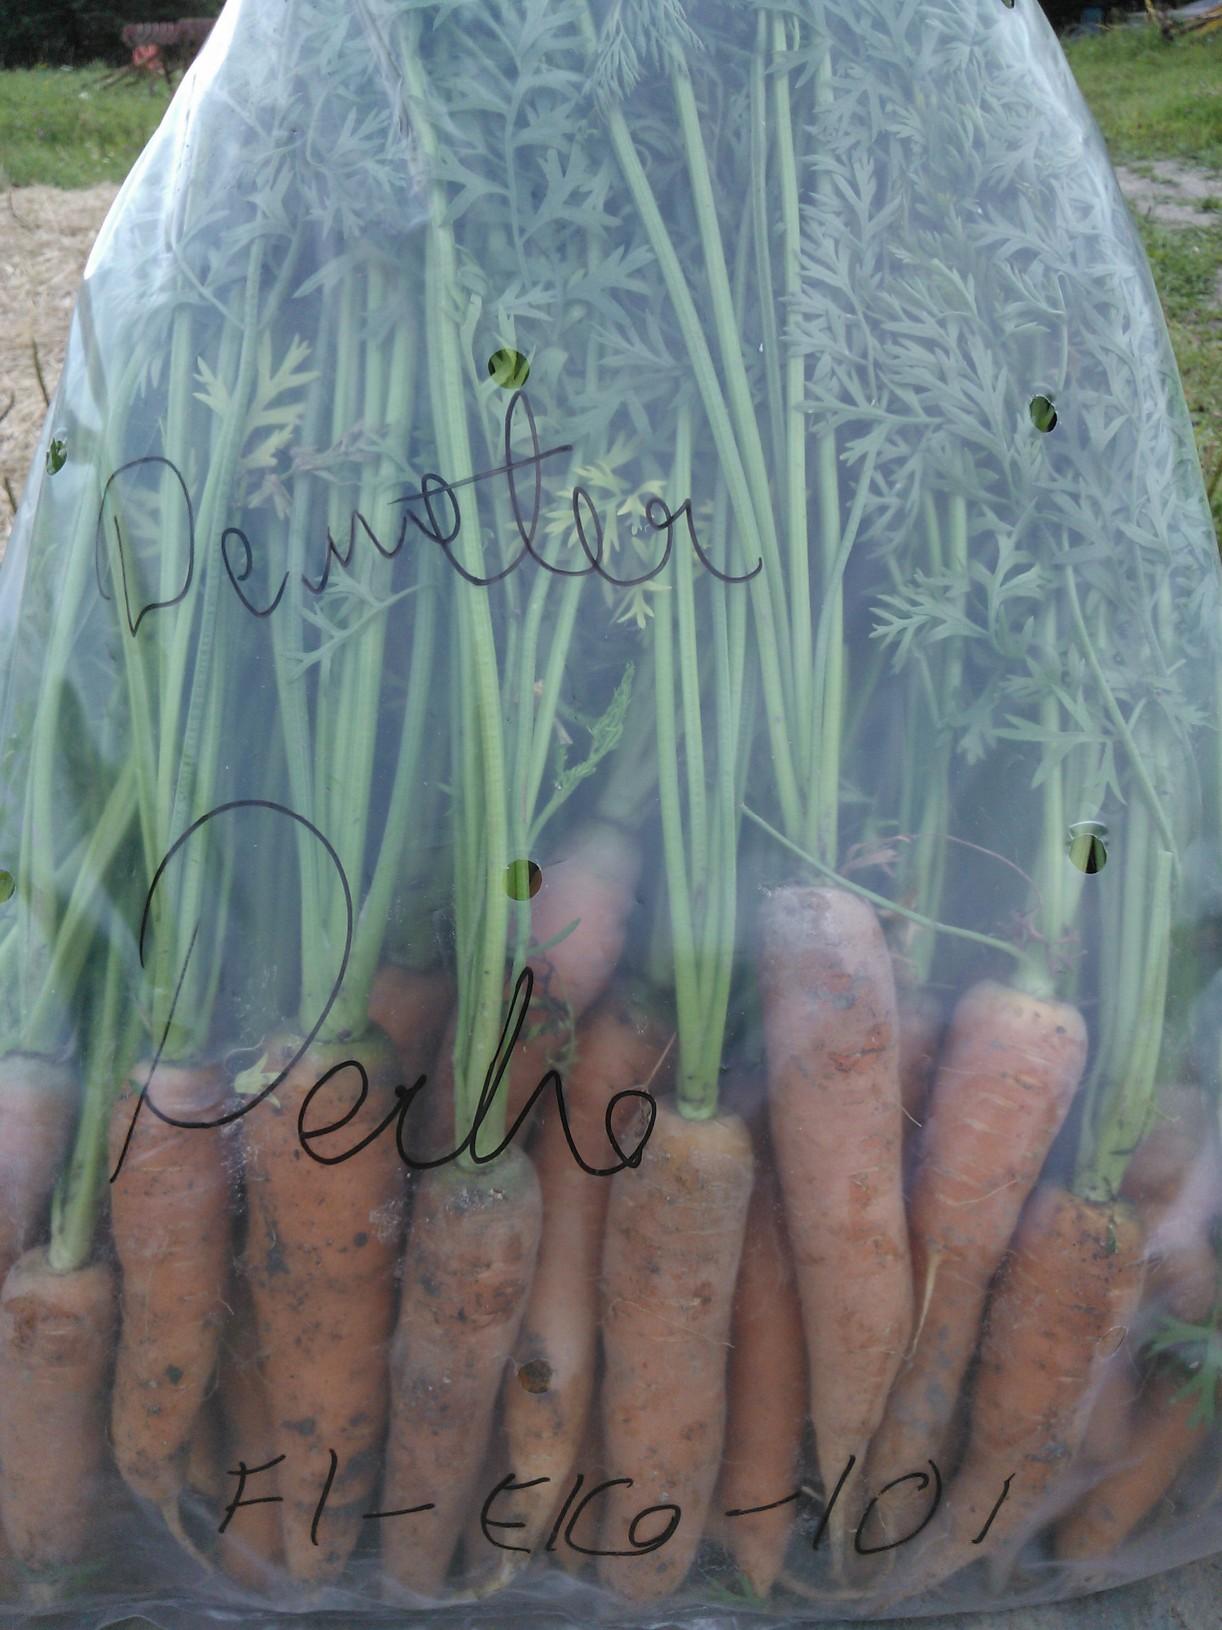 Ensimmäiset Demeter(biodynaamisen viljelyn tuotemerkki)-porkkanamme tänä vuonna